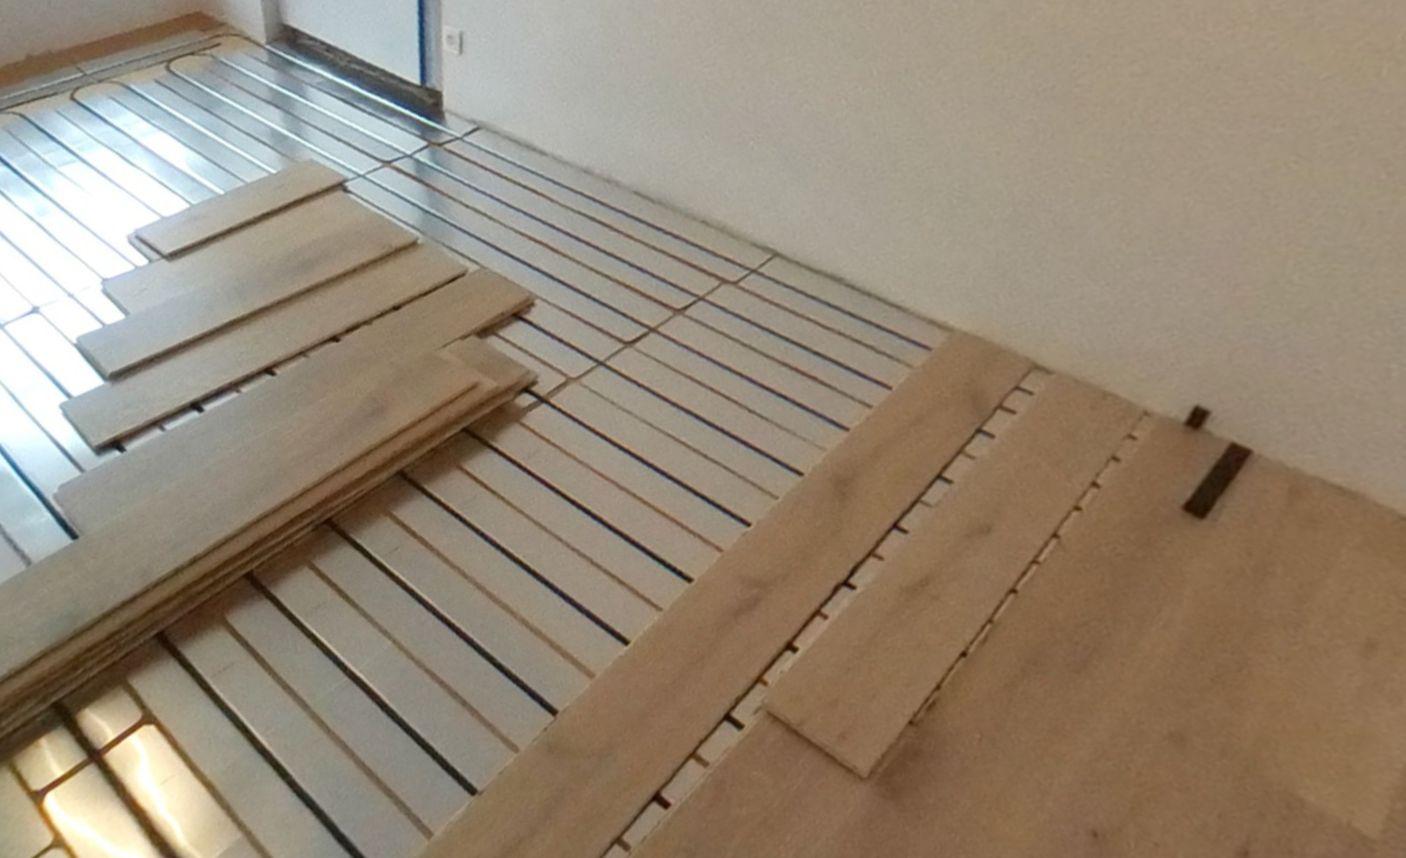 Plancher chauffant par caleosol - Parquet sur plancher chauffant ...